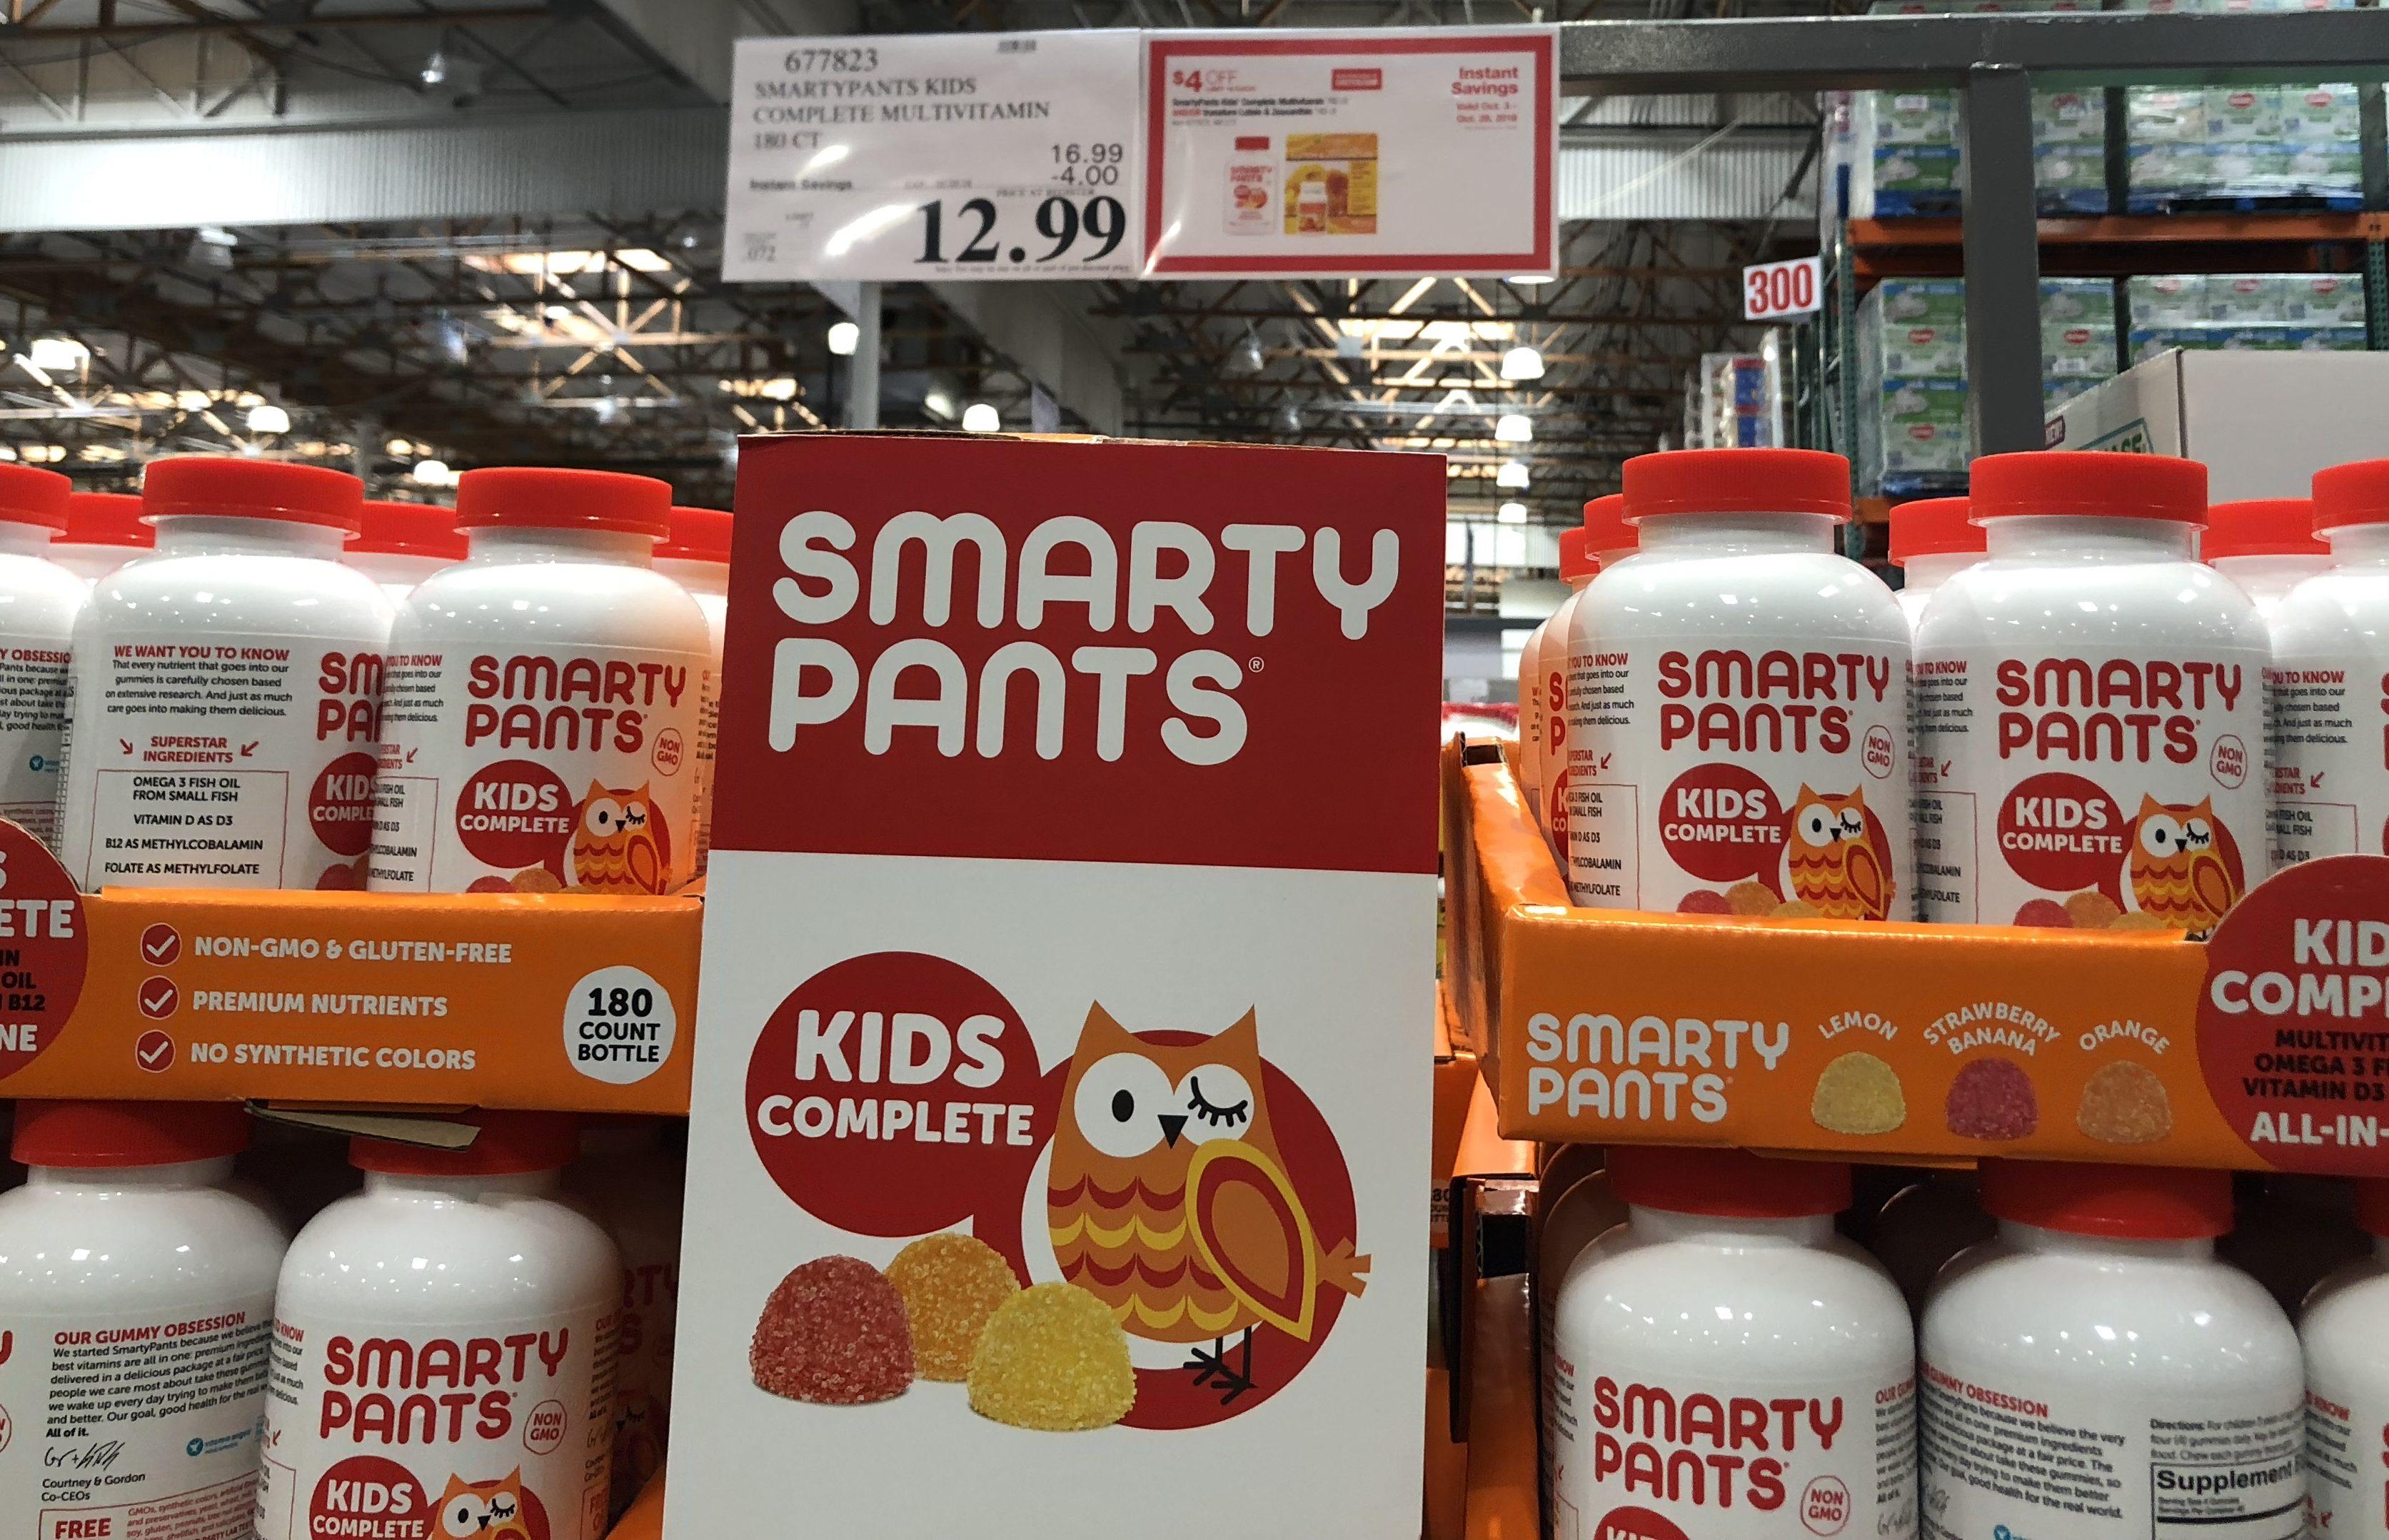 Costco deals October 2018 – Smartypants Kids at Costco